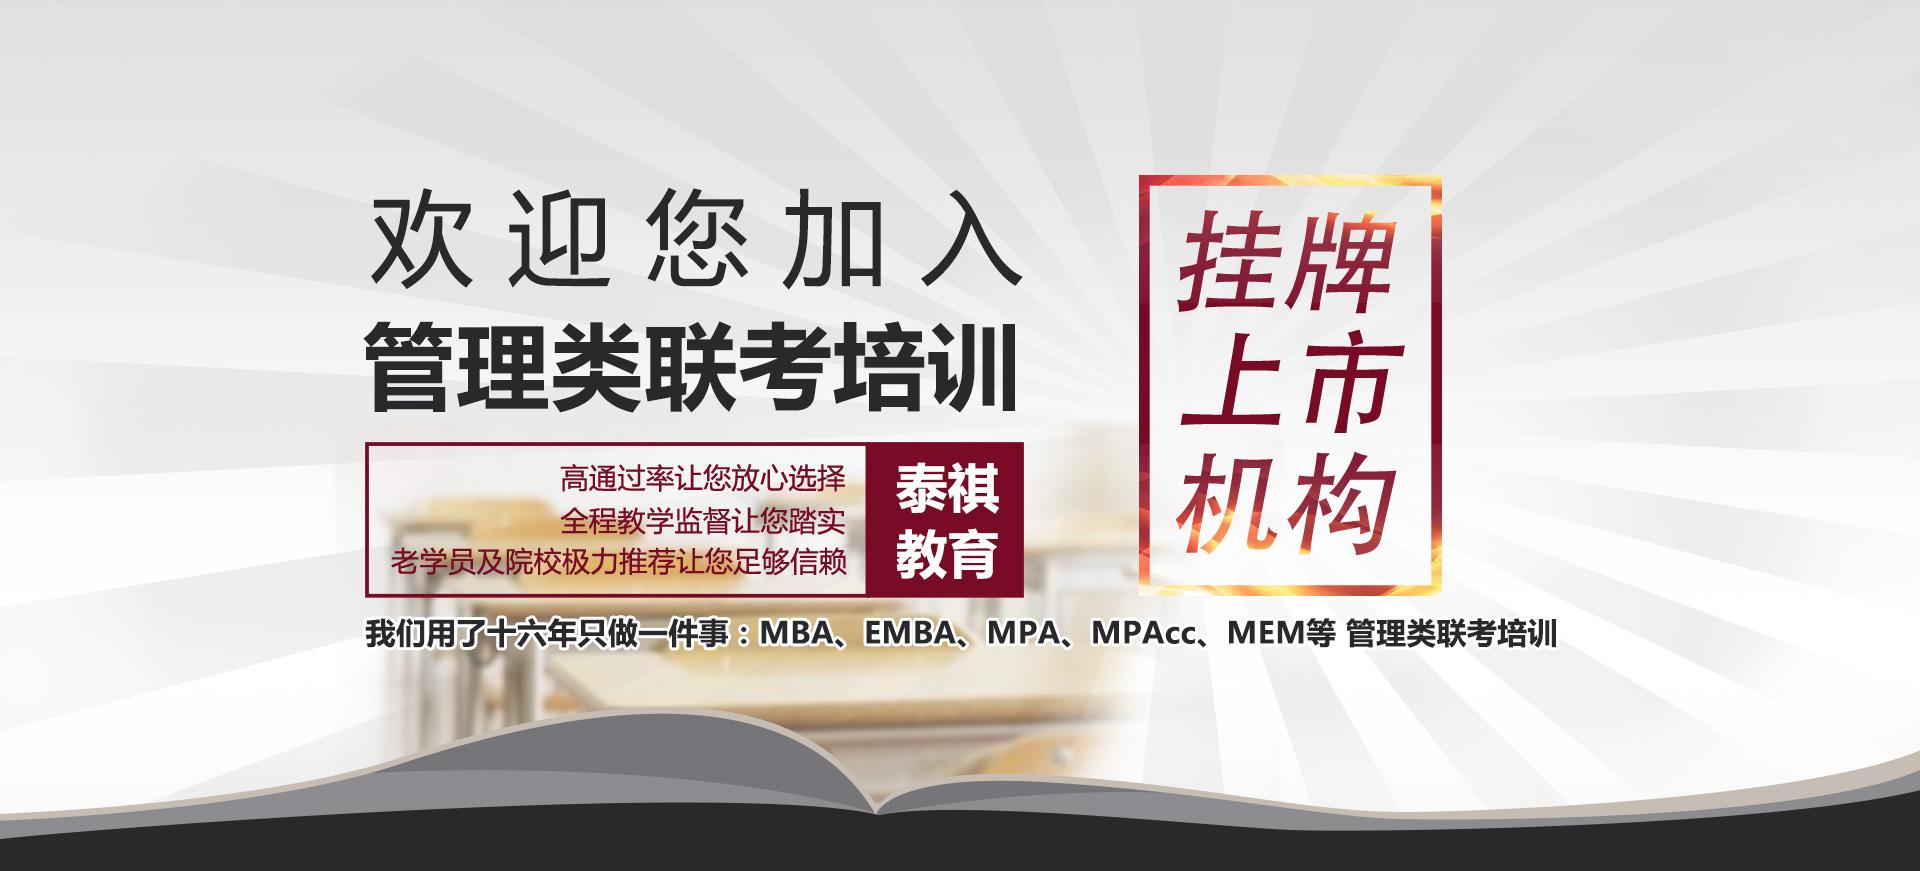 福州大学2018年MBA招生简章_泰祺教育